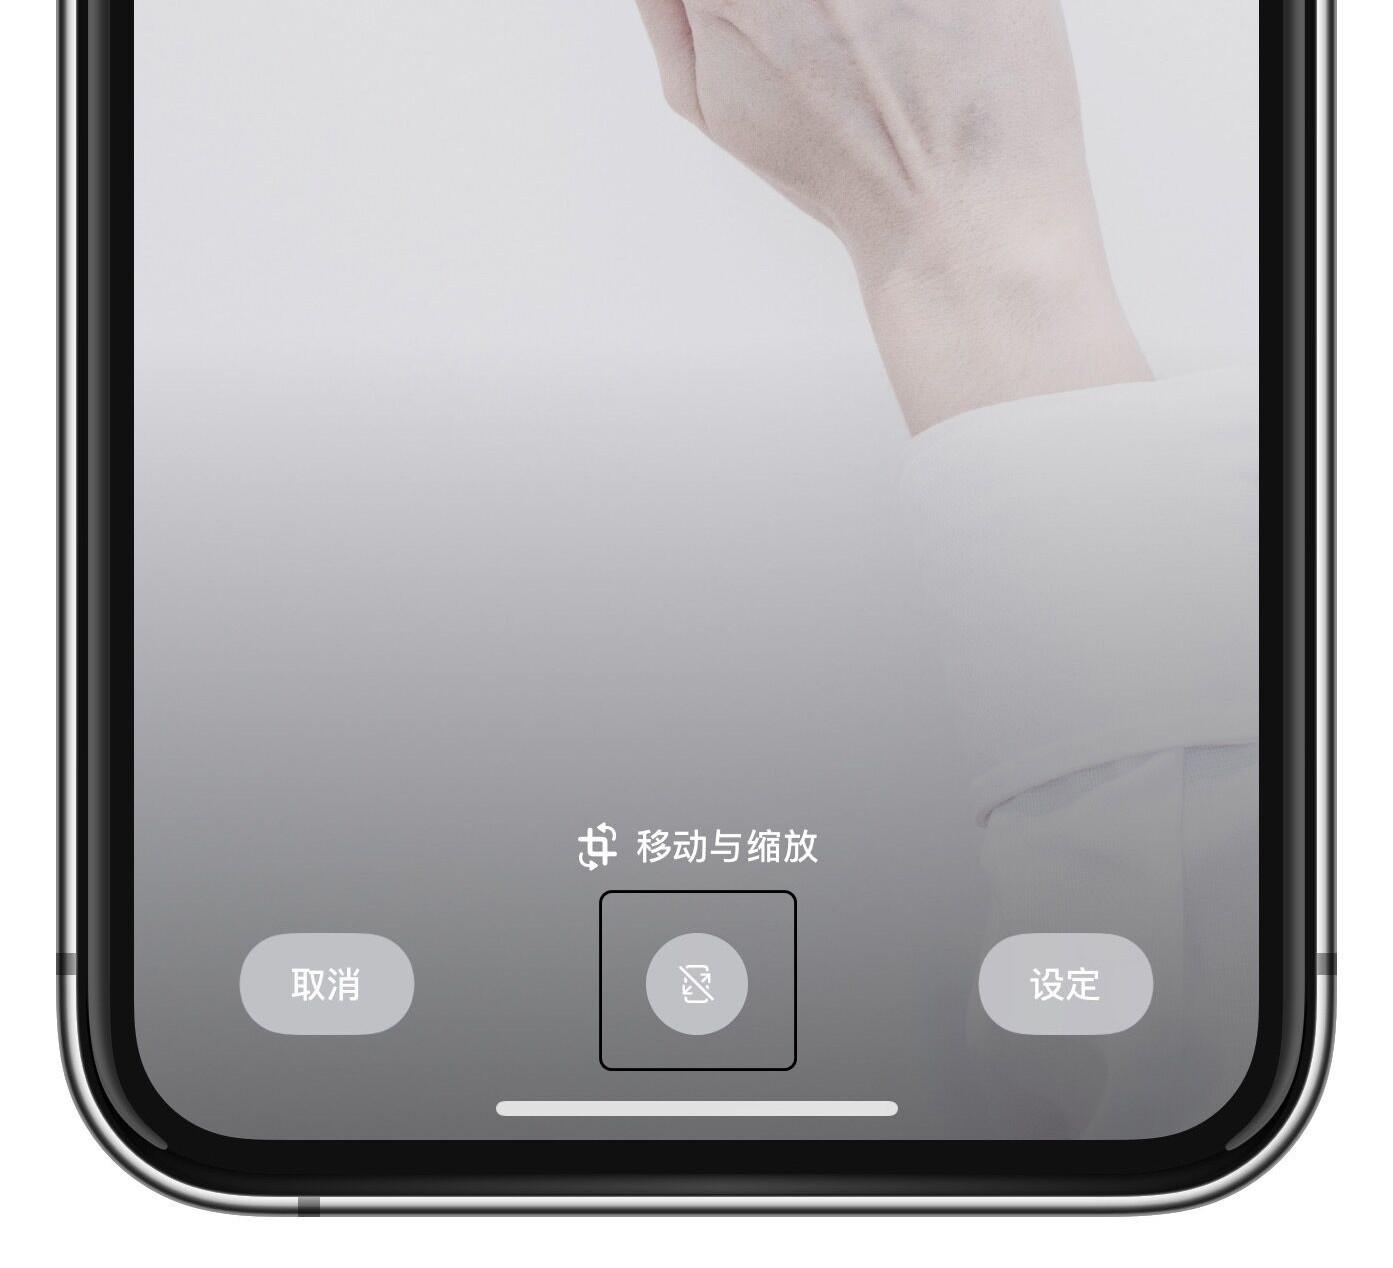 有趣壁纸分享:修改 iPhone 锁屏小锁头样式